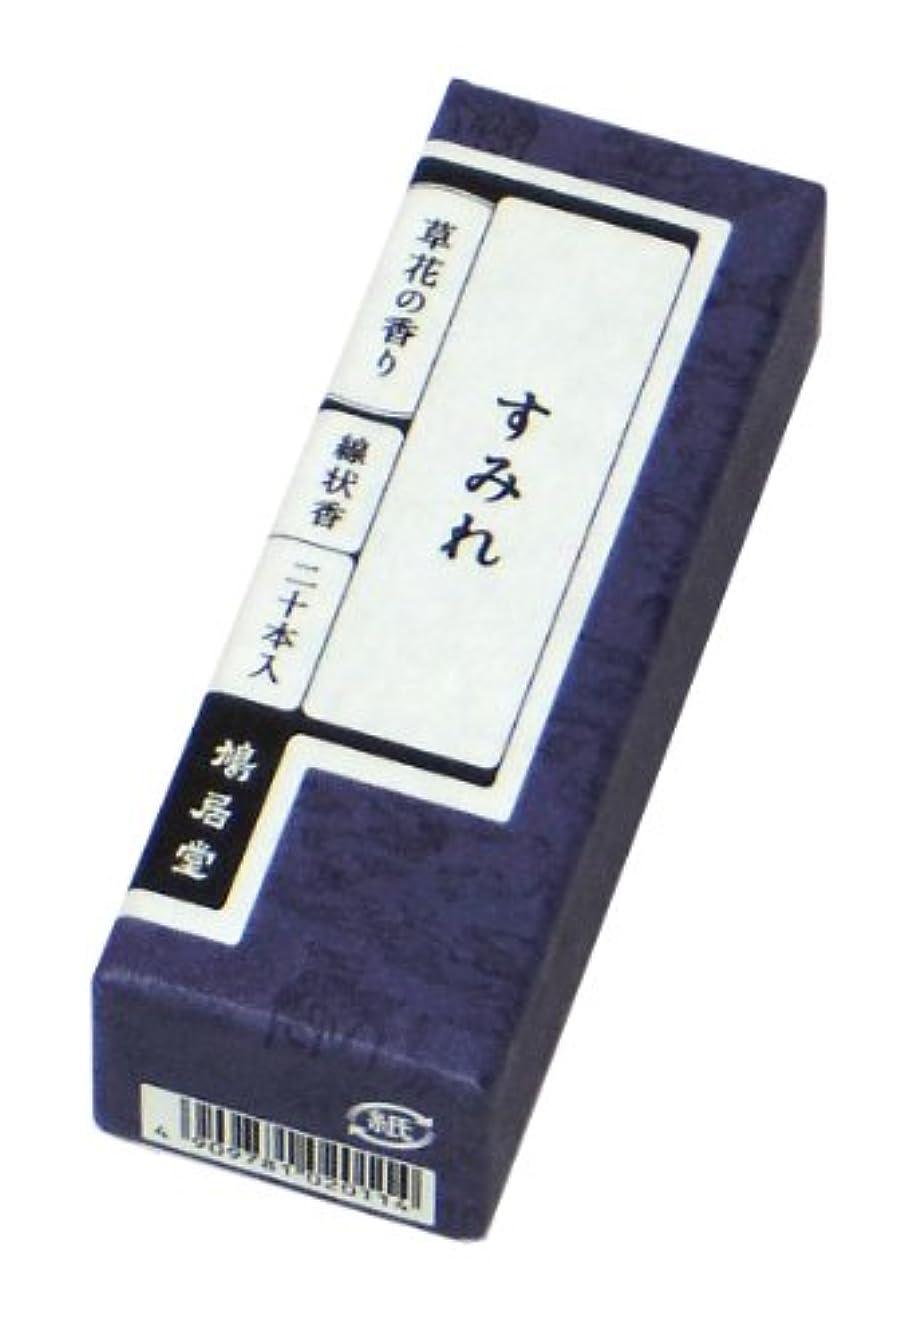 ファンネルウェブスパイダー落胆した獣鳩居堂のお香 草花の香り すみれ 20本入 6cm